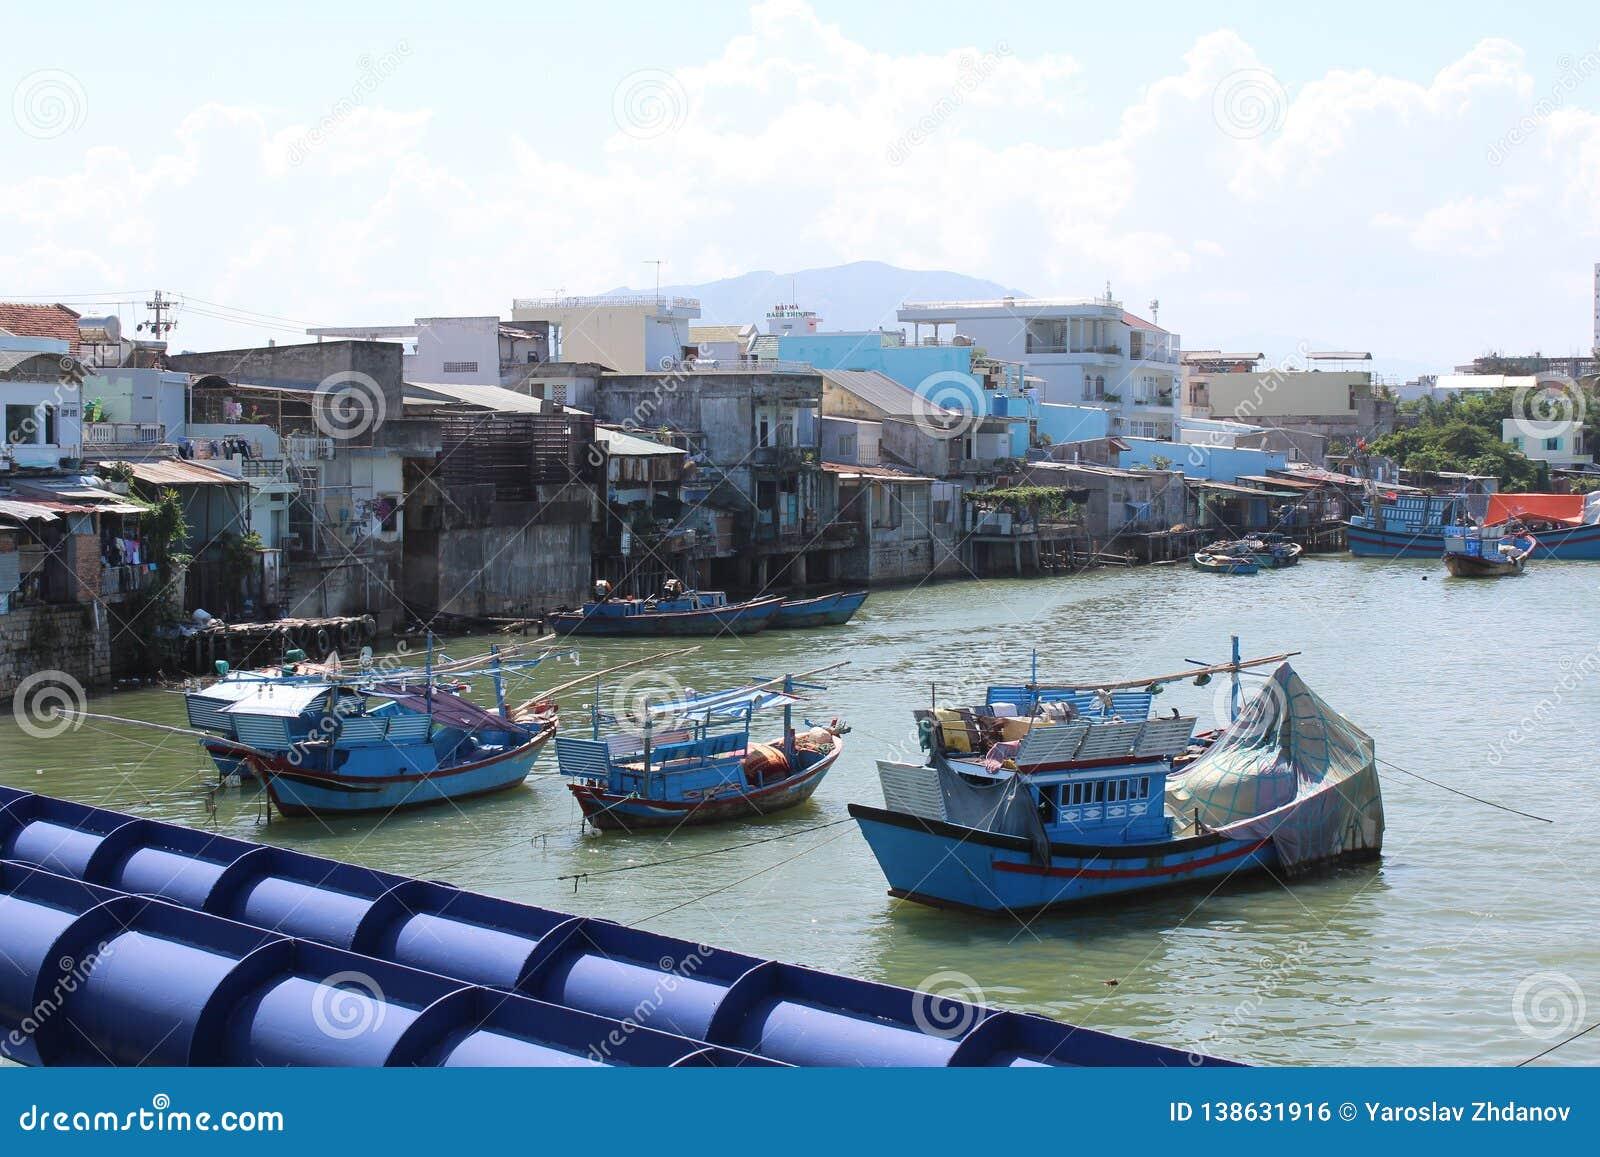 Καταπληκτική άποψη του λόφου Nha Trang με τα μπλε αλιευτικά σκάφη